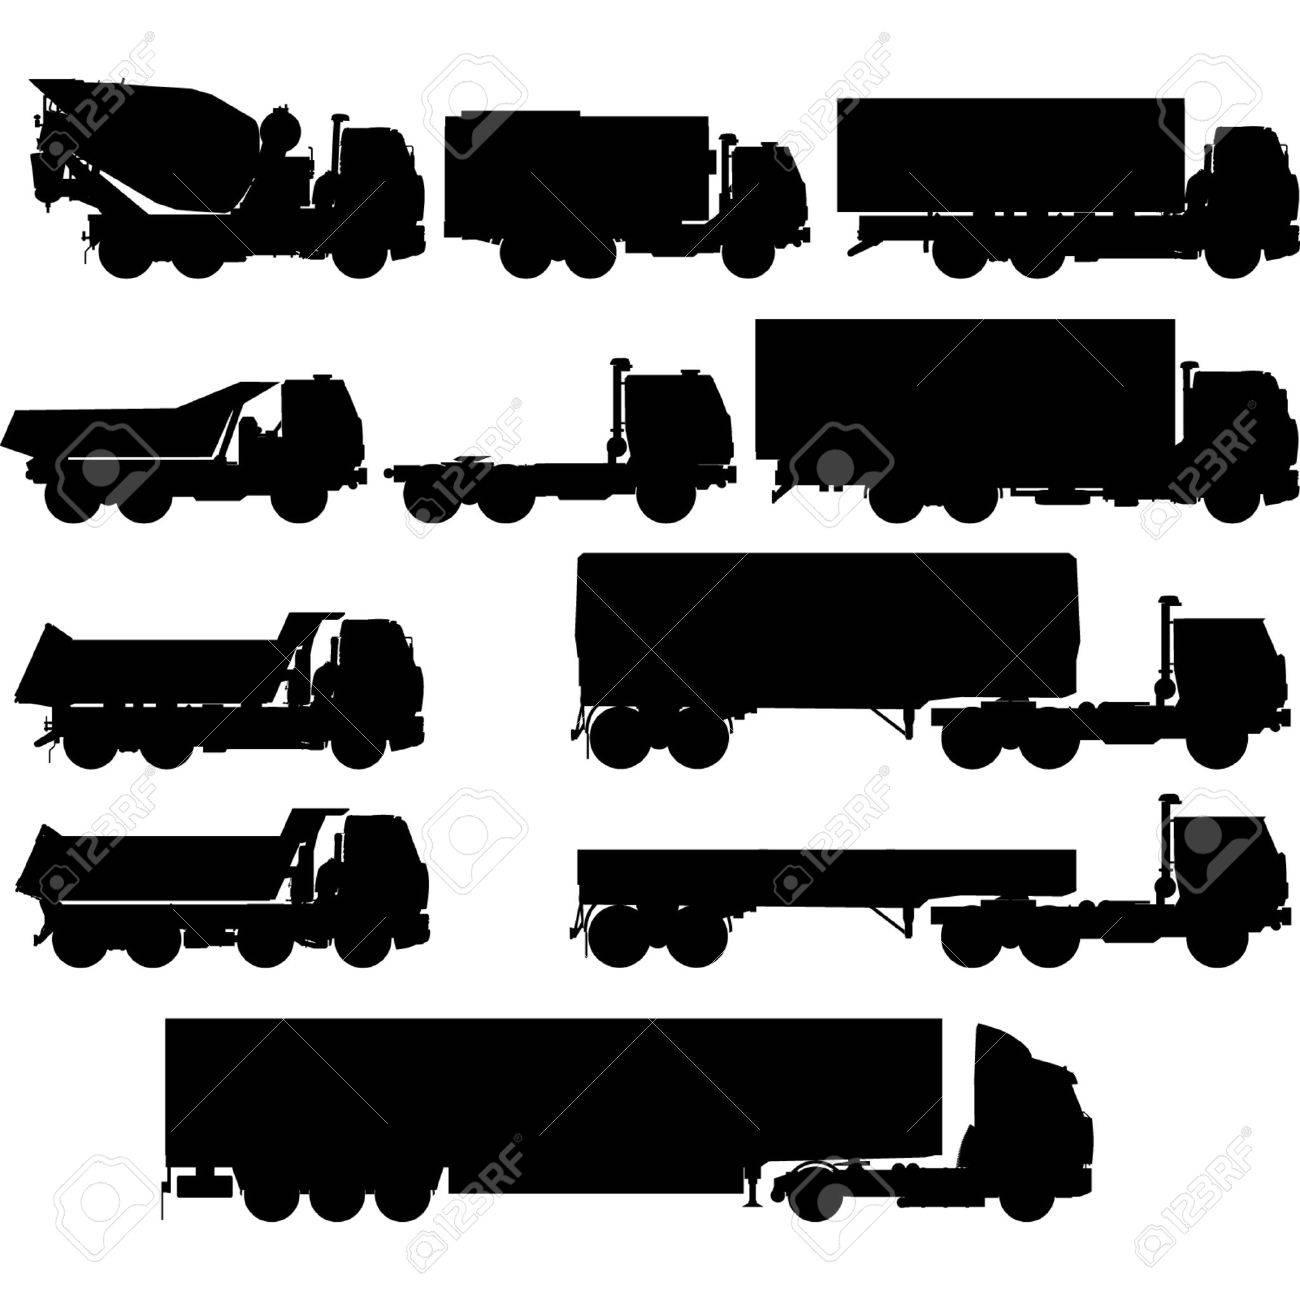 Semi Truck Silhouette Silhouettes Set Semi